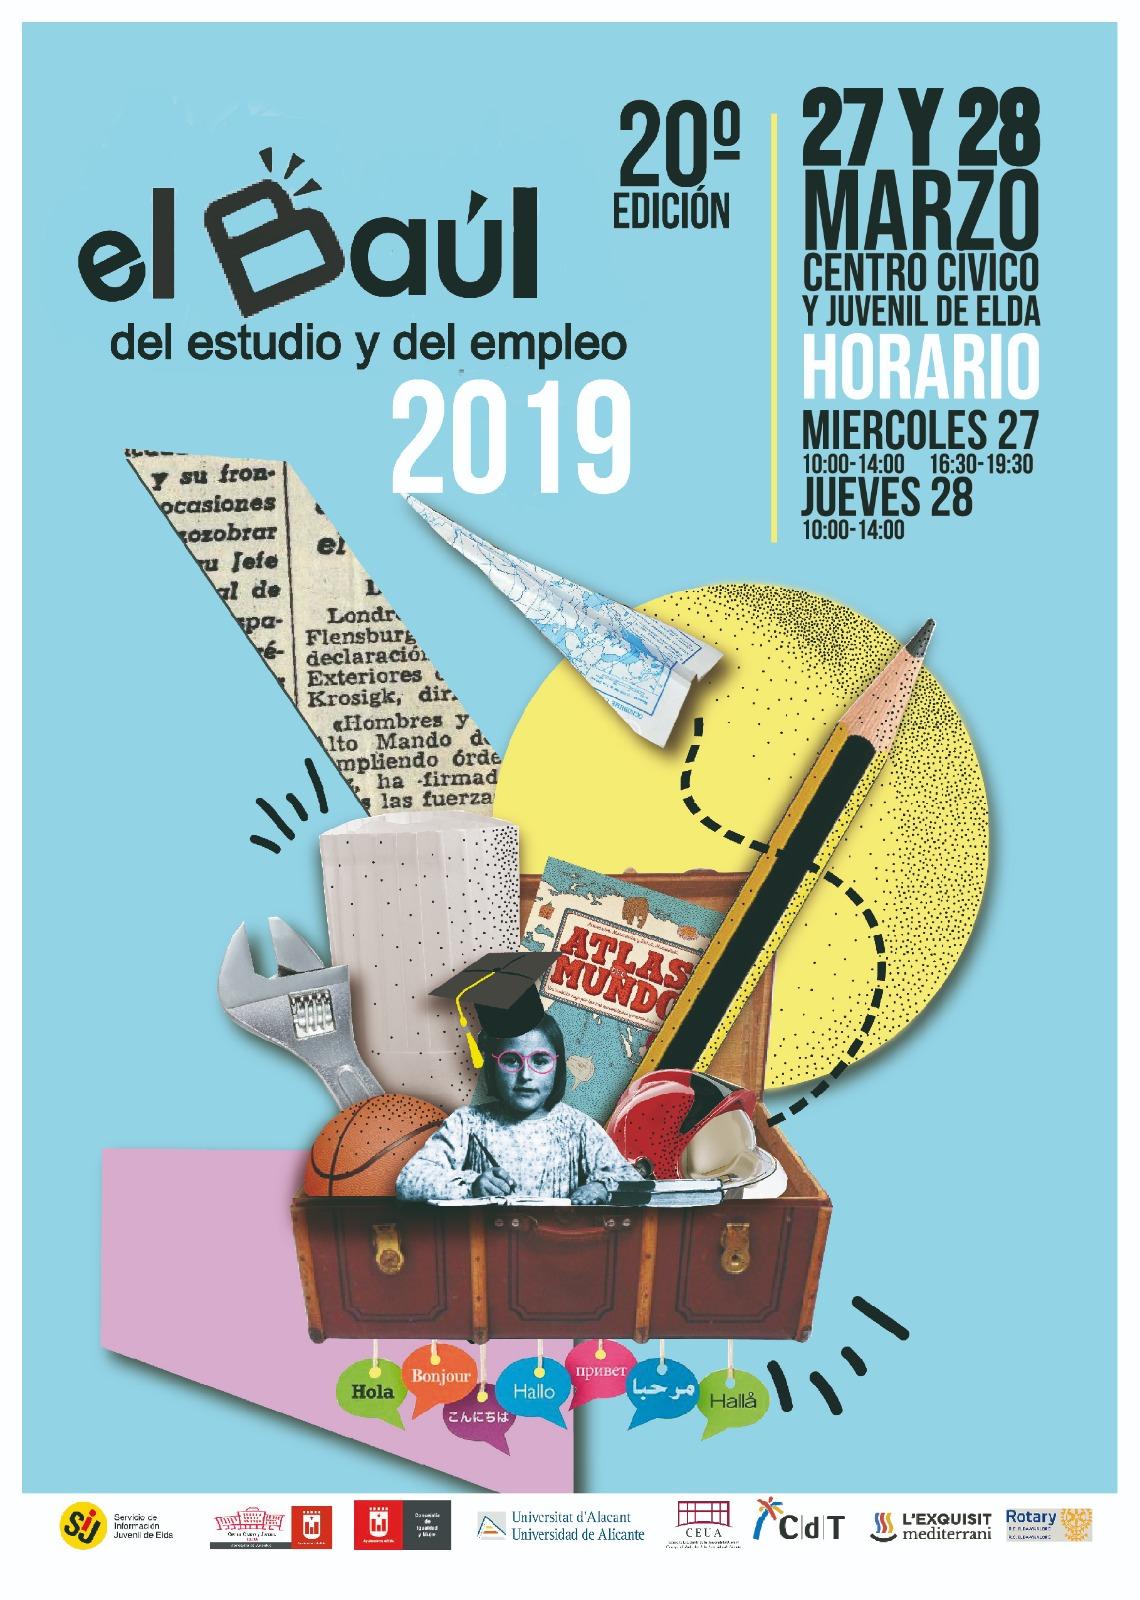 El Baúl del Estudiante de Elda celebra su 20 aniversario el próximo 27 y 28 de marzo